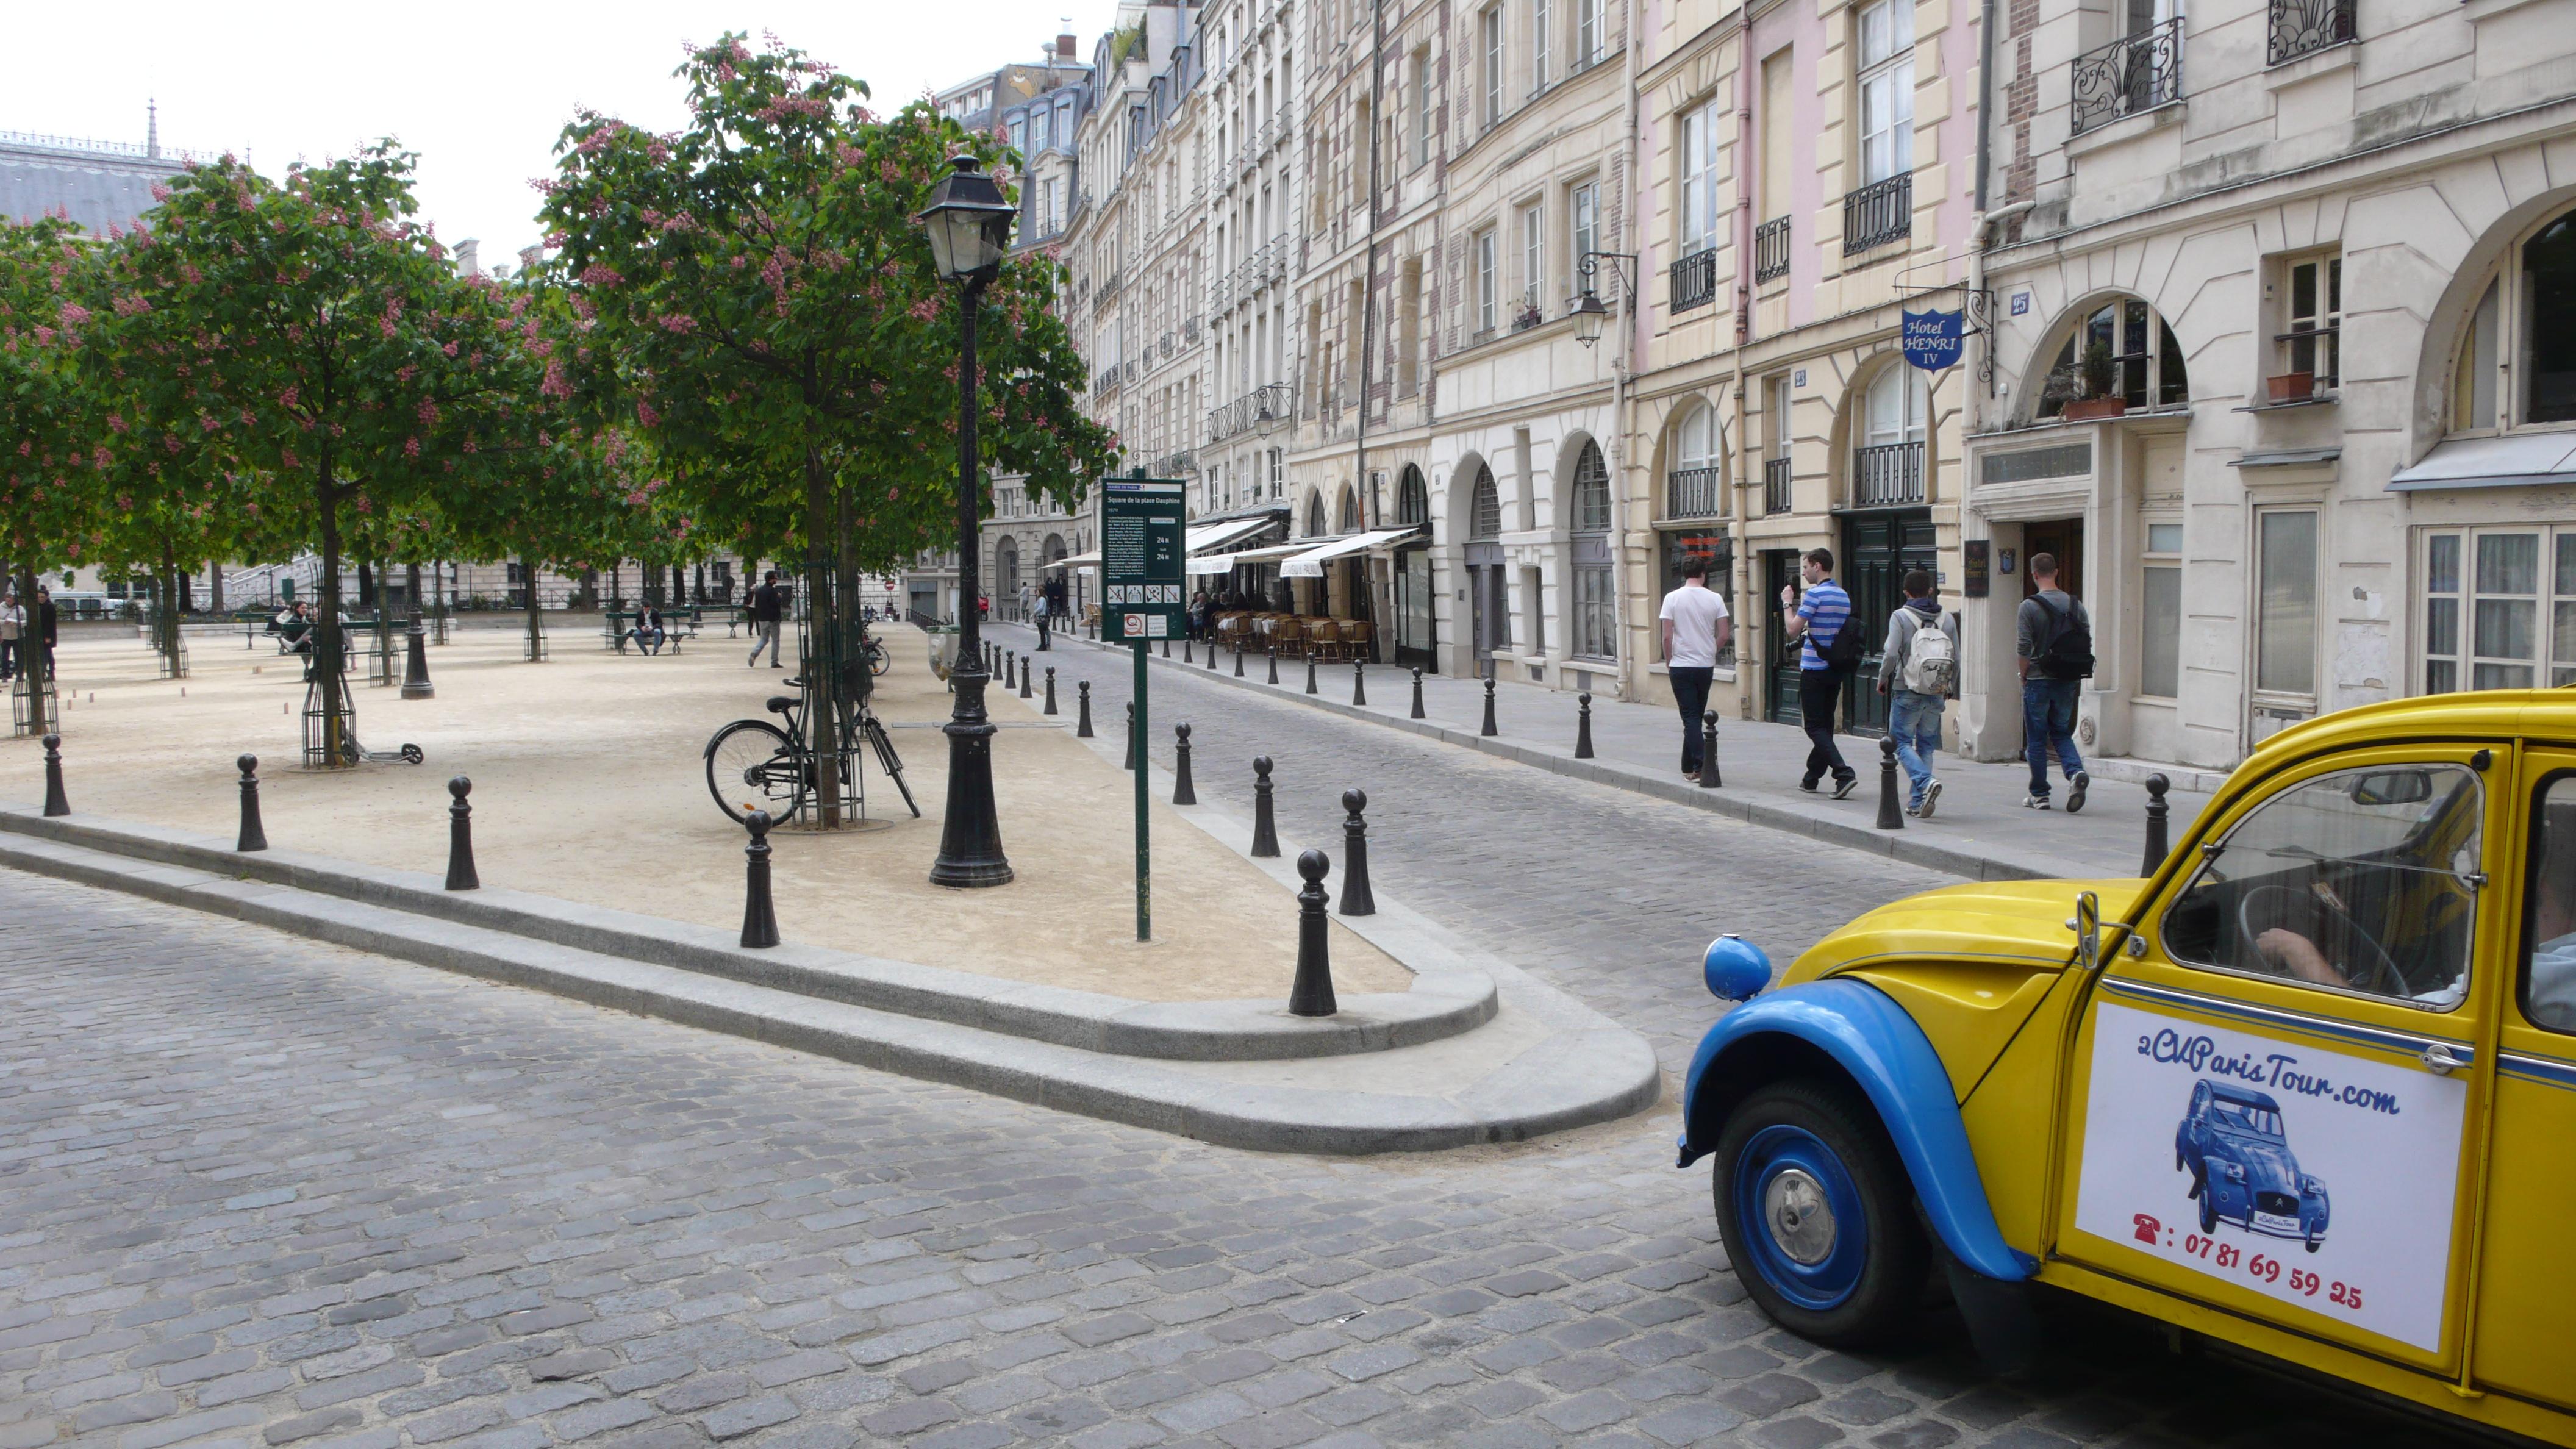 2cv paris tour visit paris by 2cv place dauphine left or right. Black Bedroom Furniture Sets. Home Design Ideas